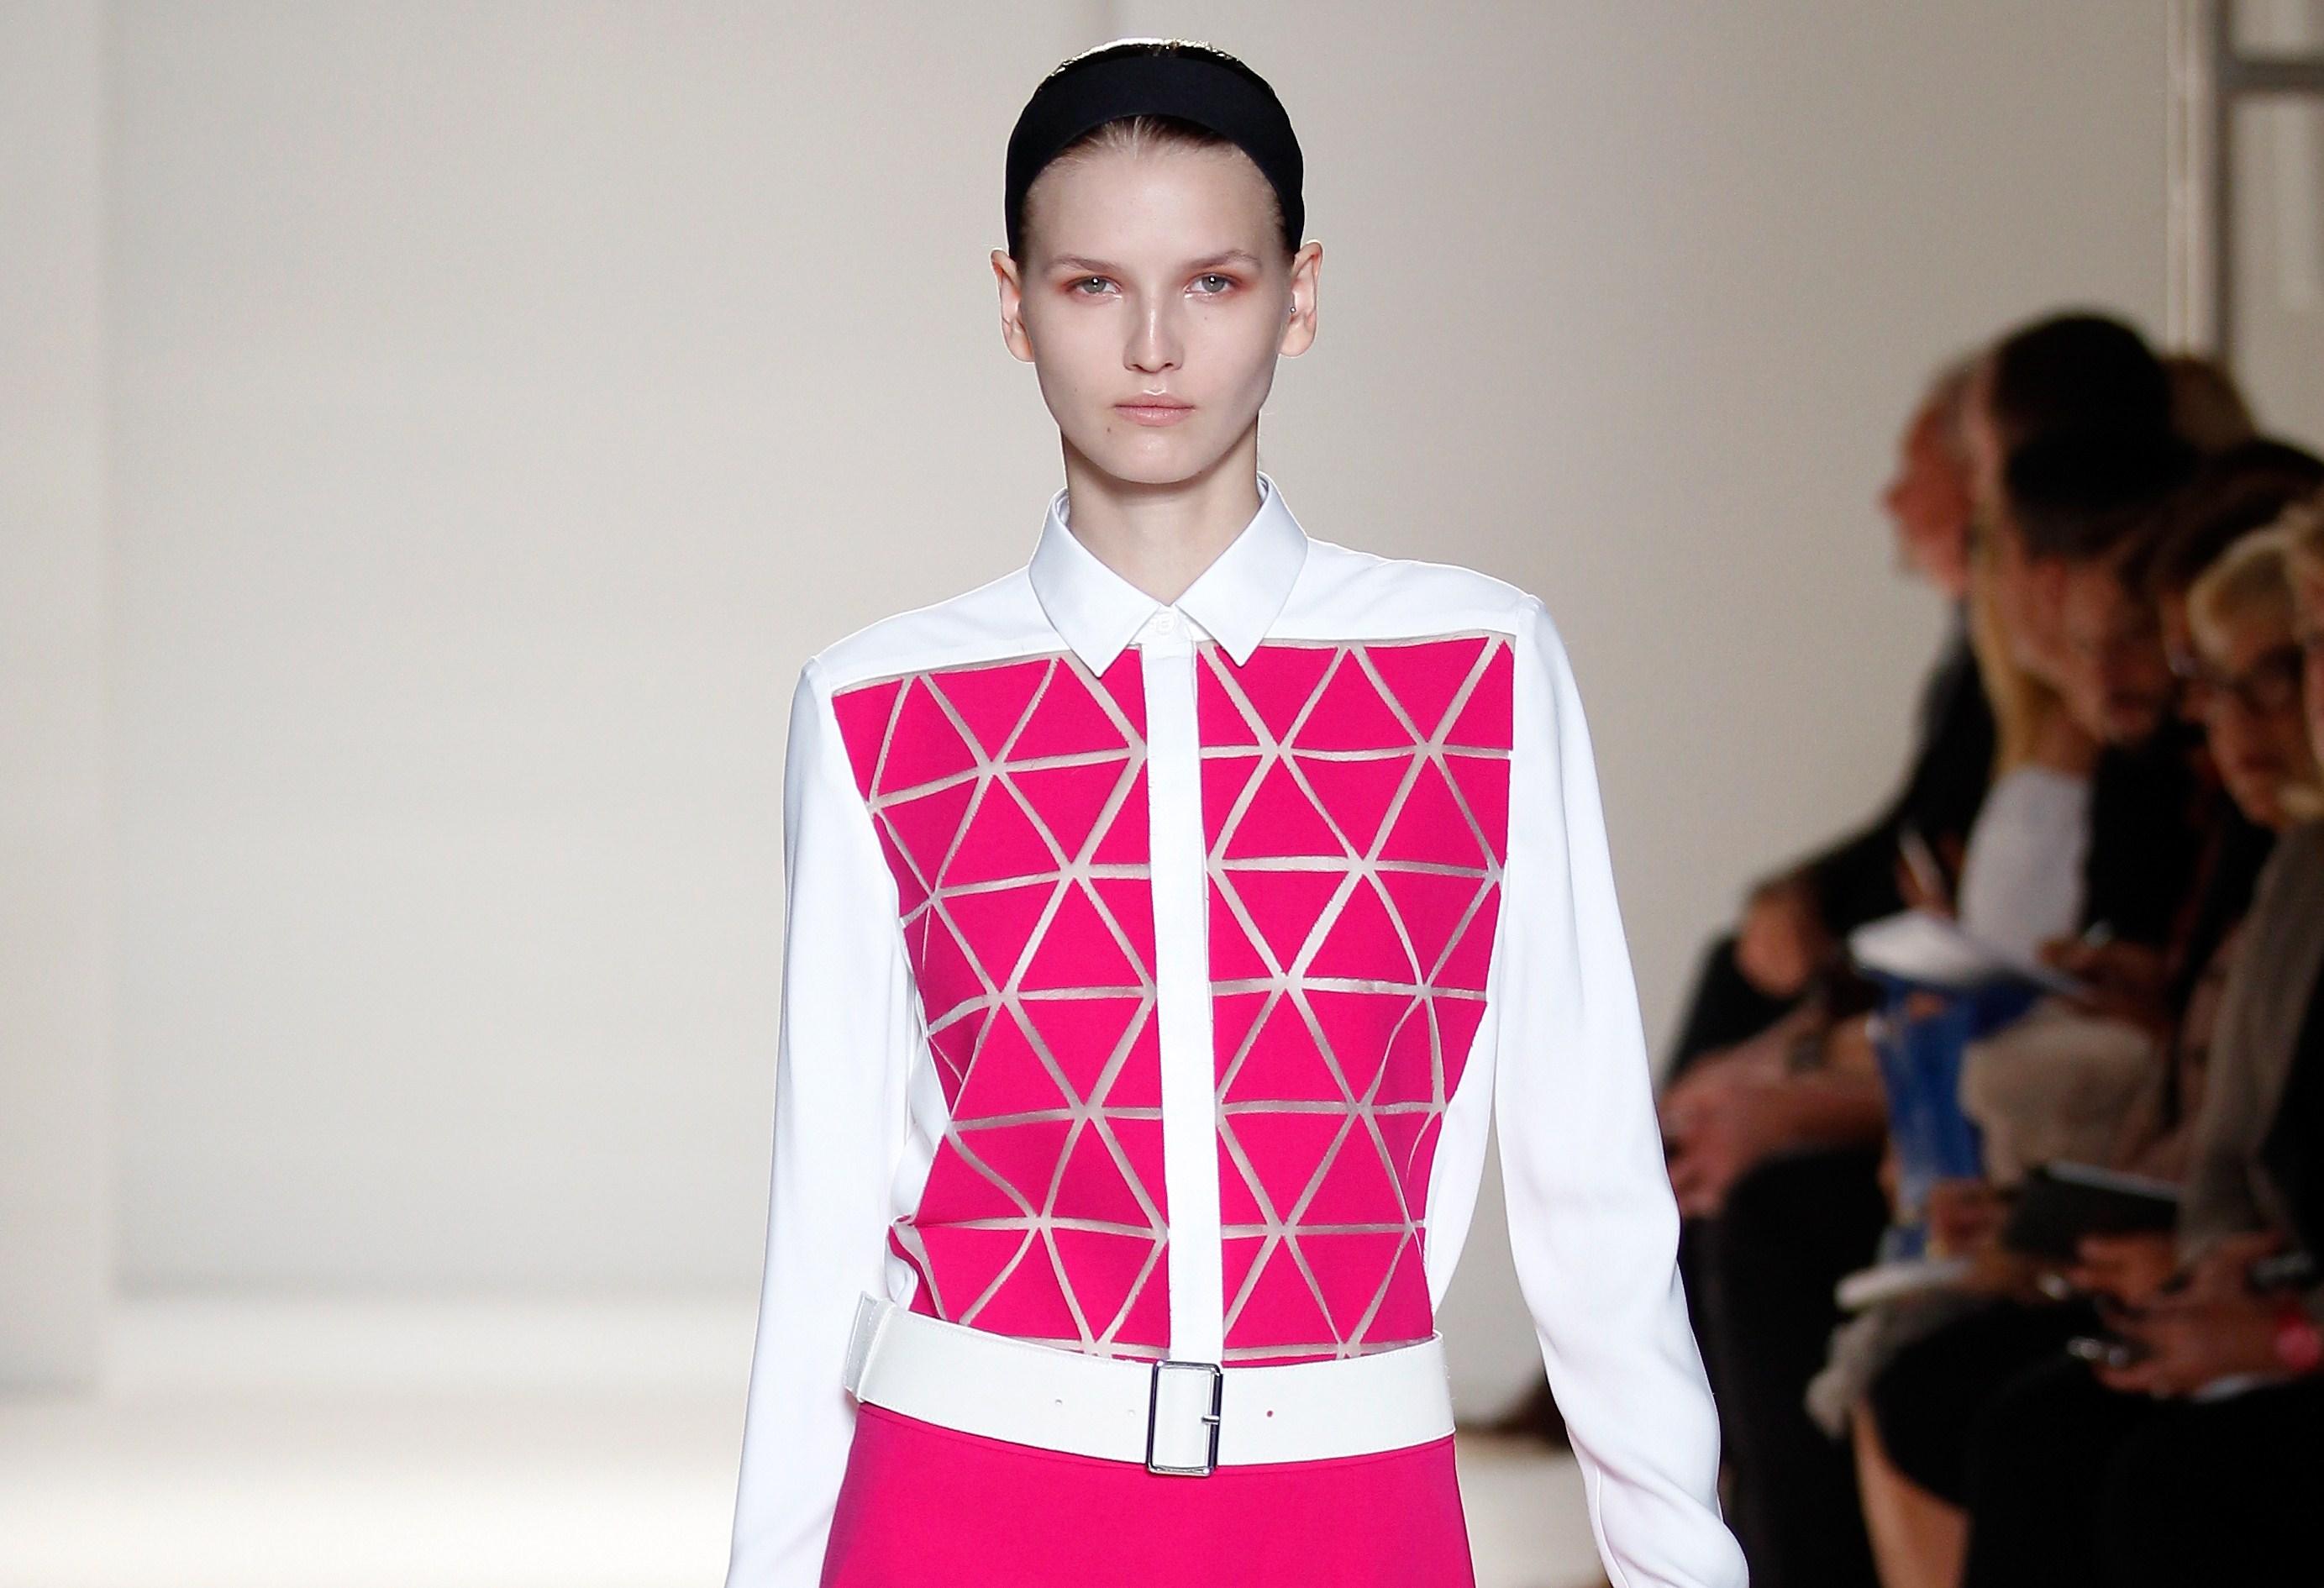 Victoria Beckham: a New York arriva lo stile minimal dell'ex Spice (FOTO)